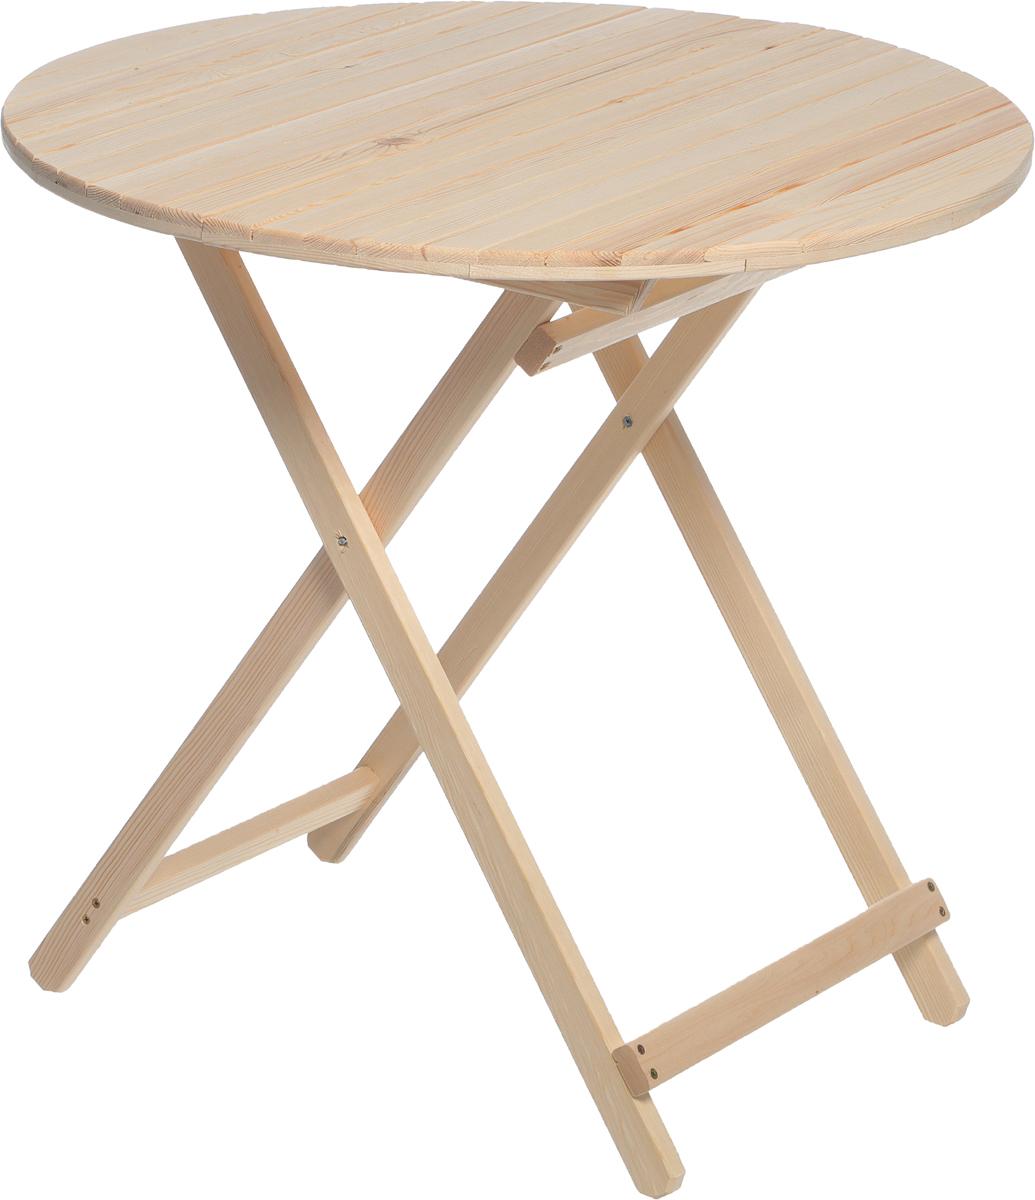 Стол складной Банные штучки для бани и сауны, круглый, большой, цвет: светлое дерево